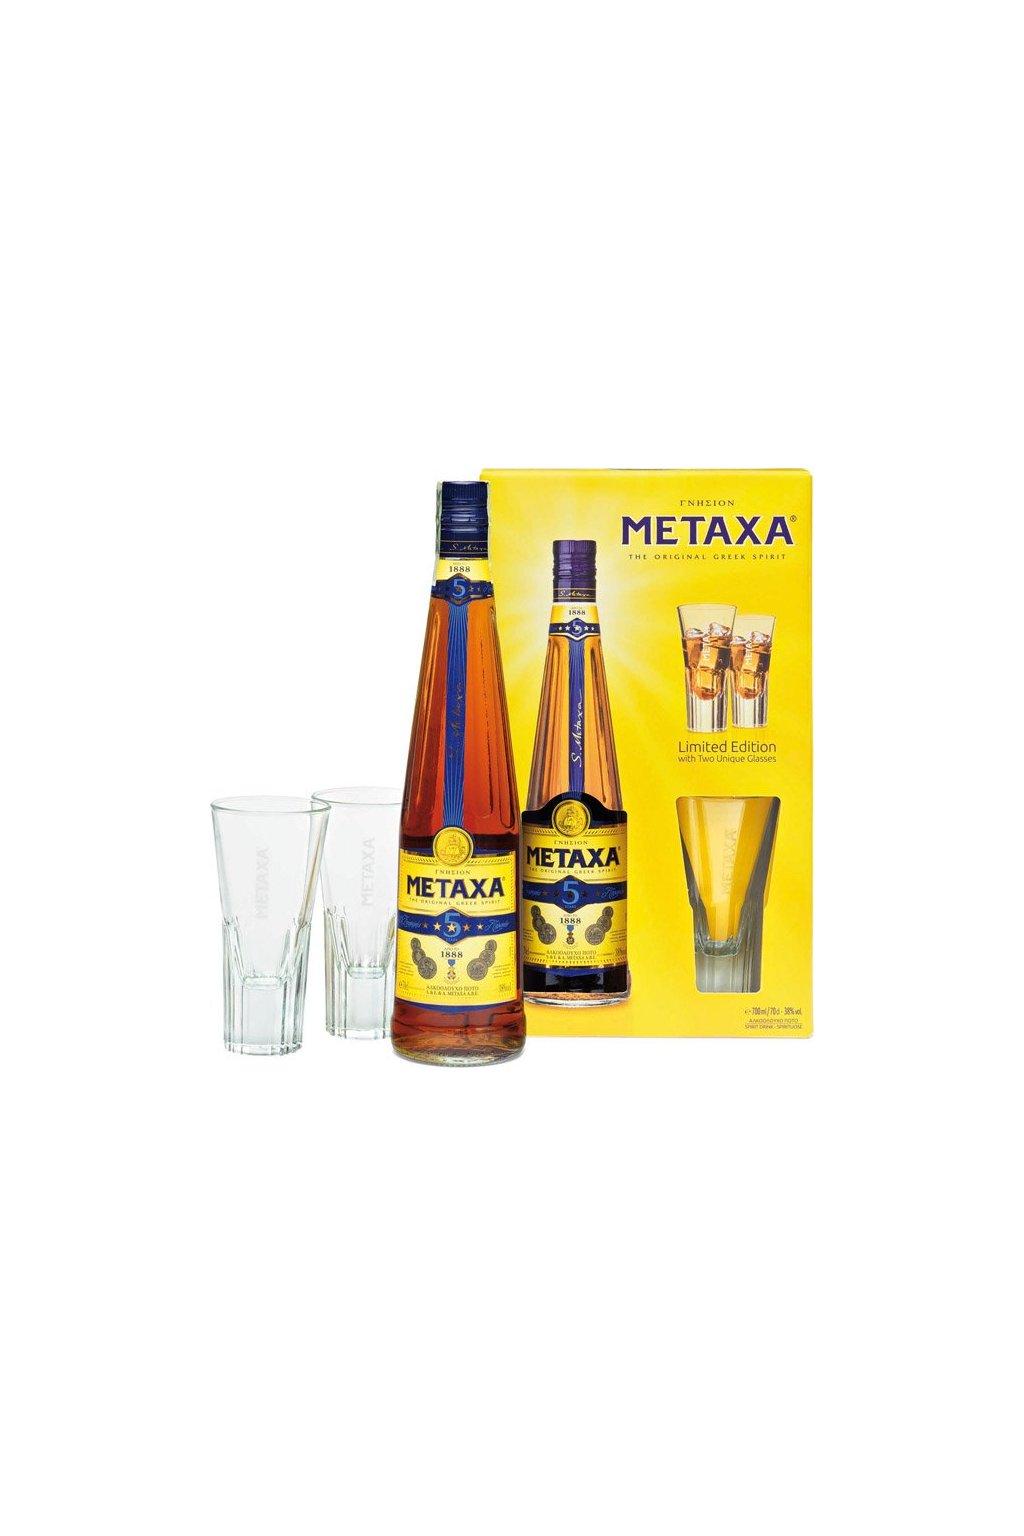 metaxa 5 poh